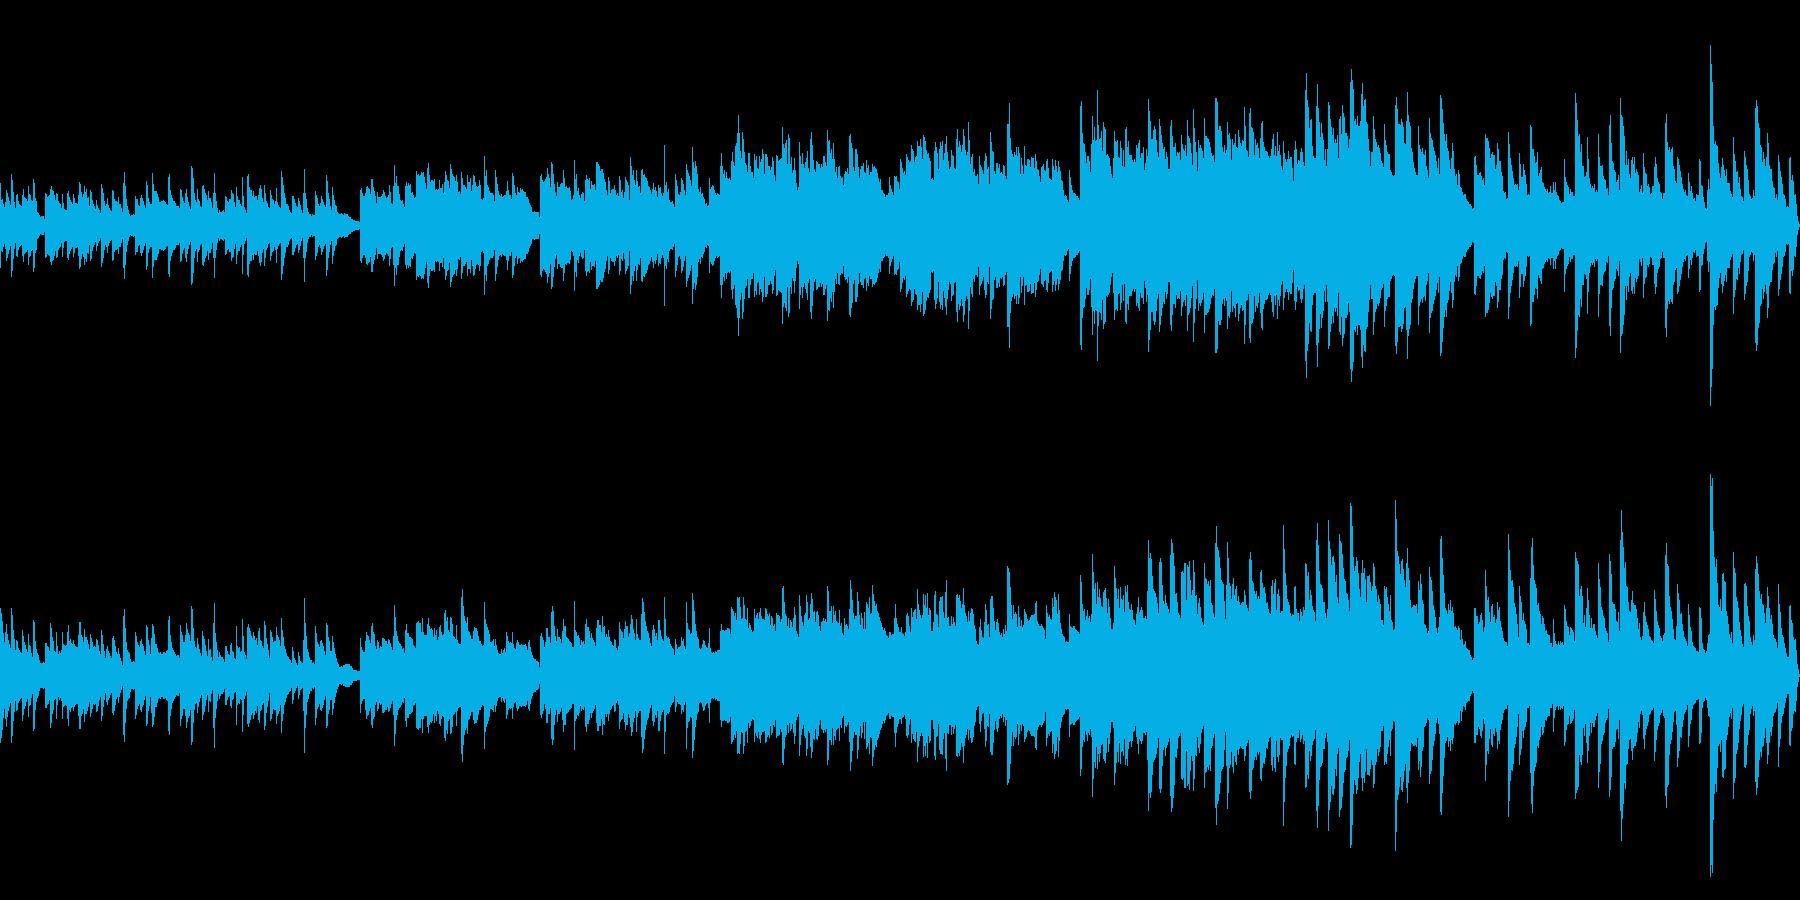 ノスタルジックな雰囲気の回想曲(ループ)の再生済みの波形